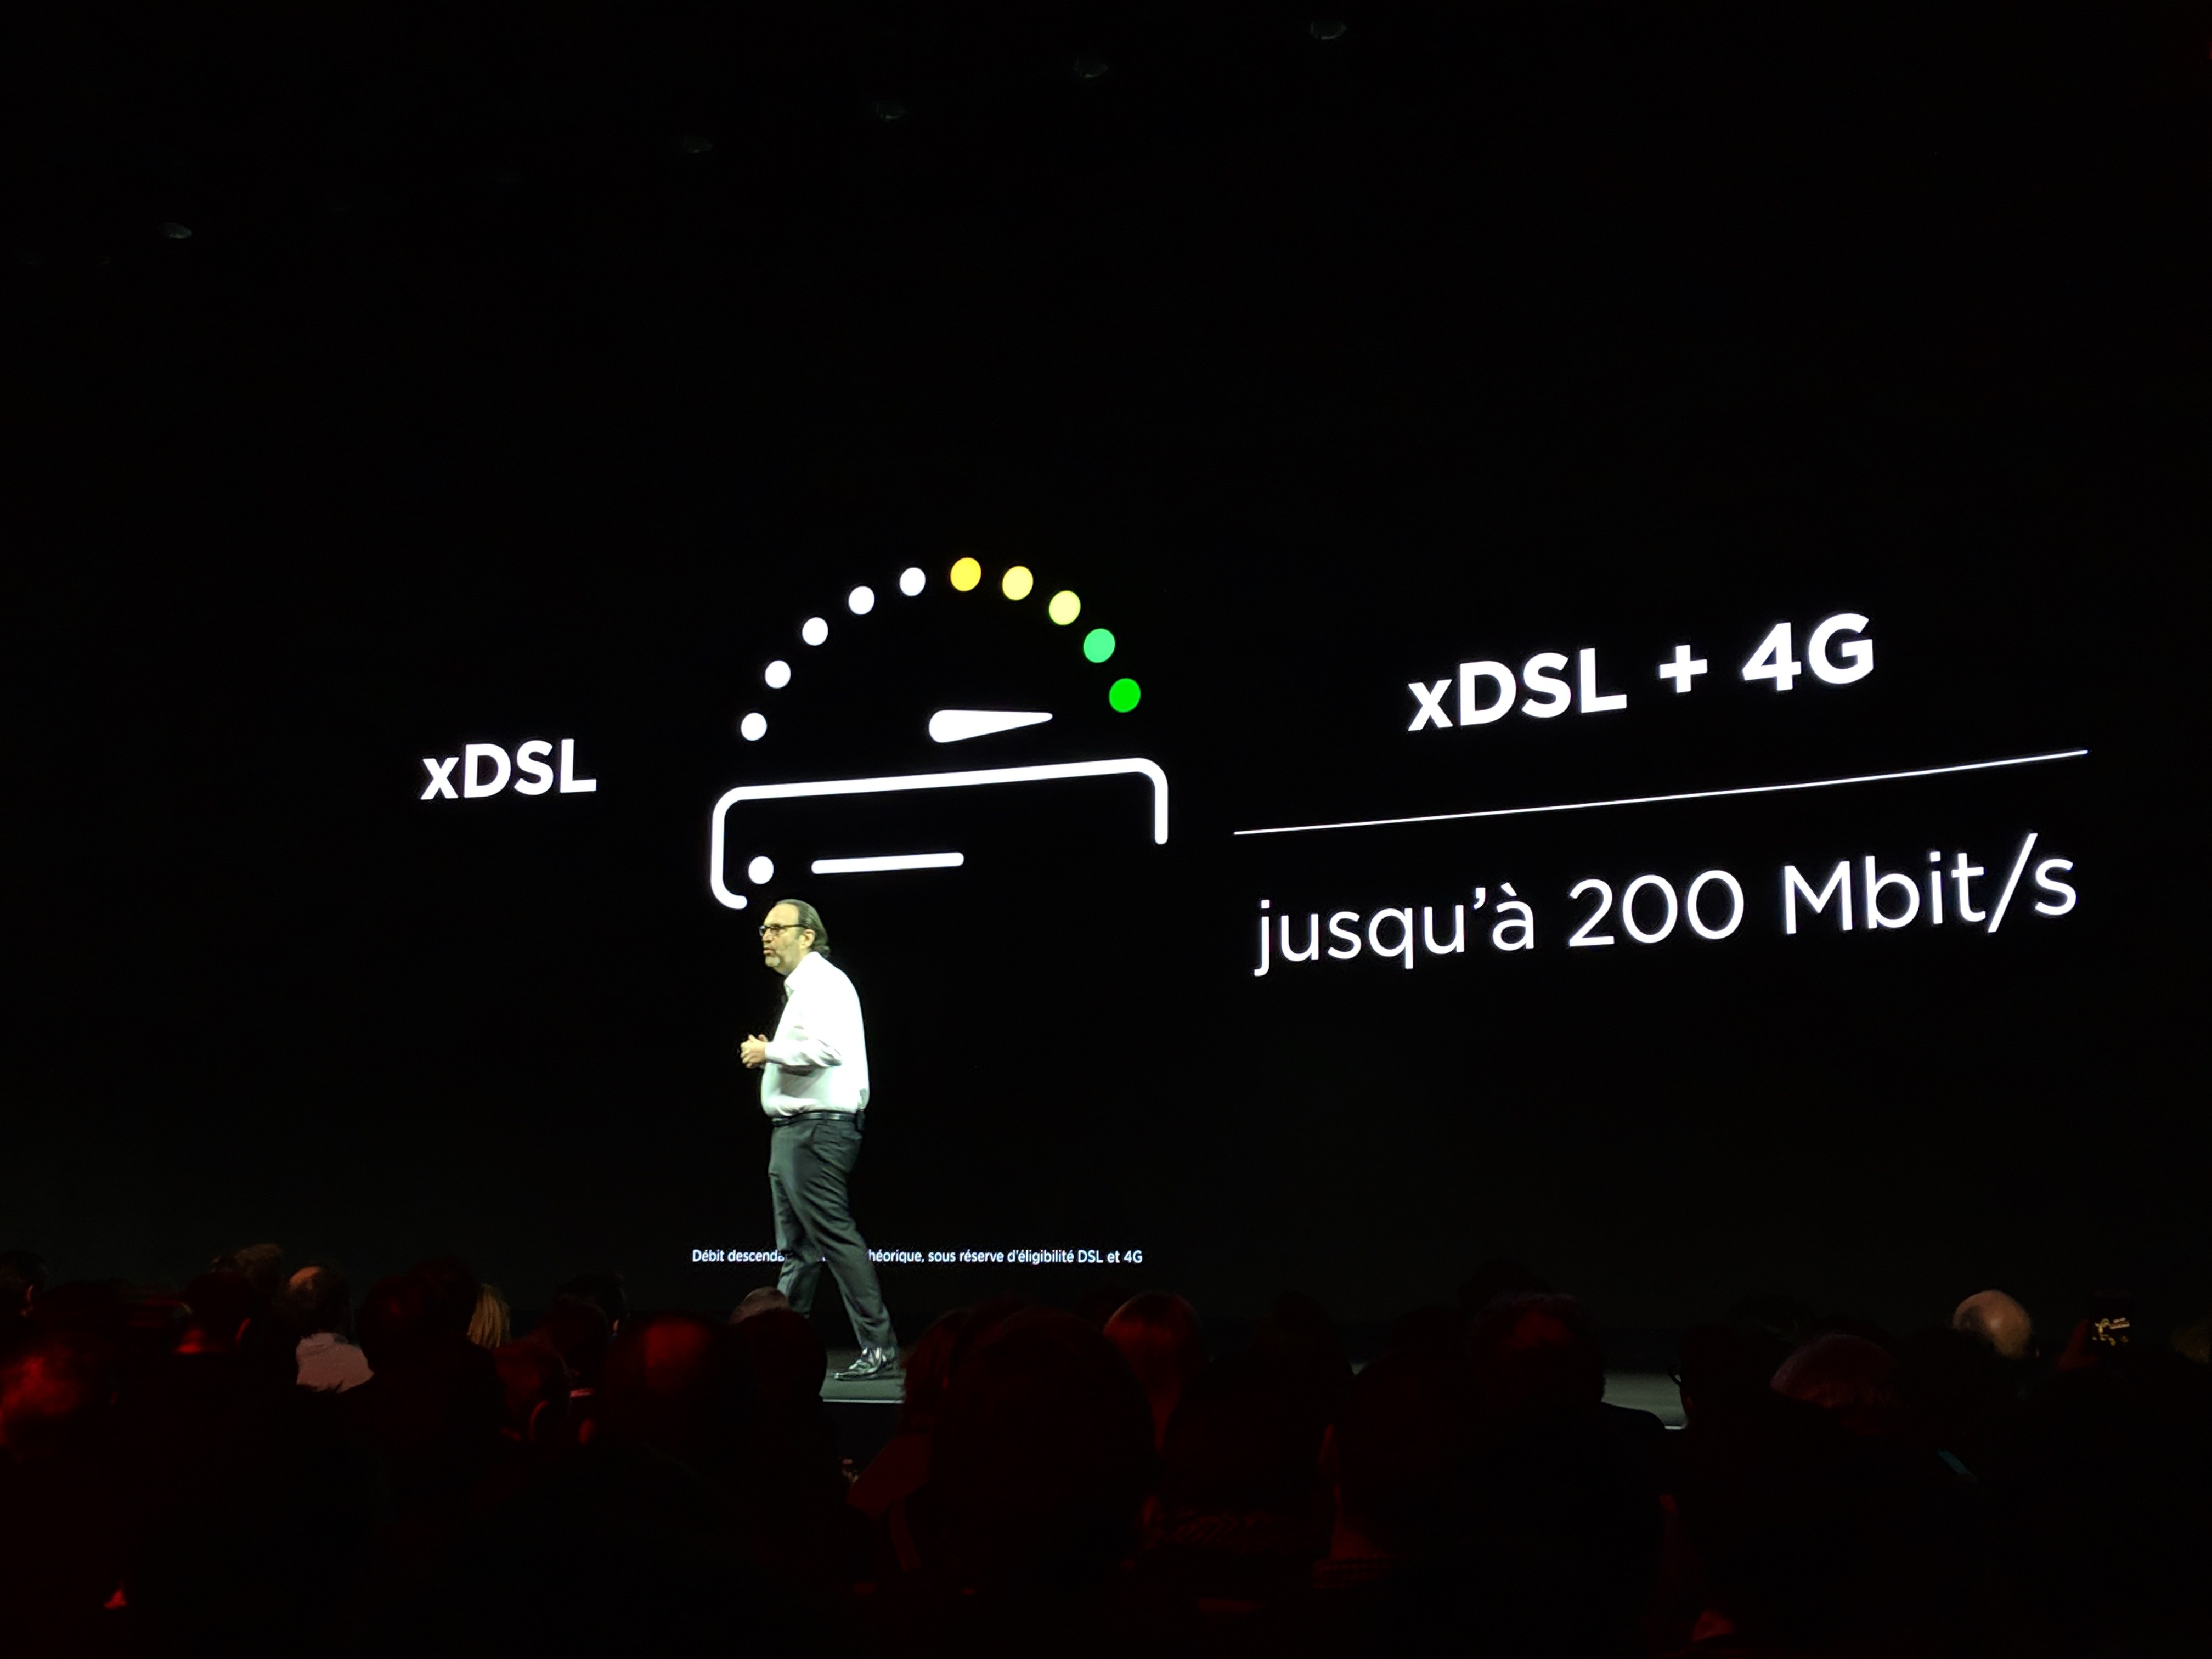 Freebox Delta xDSL + 4G : attention à la nouvelle limite de data du forfait de Free